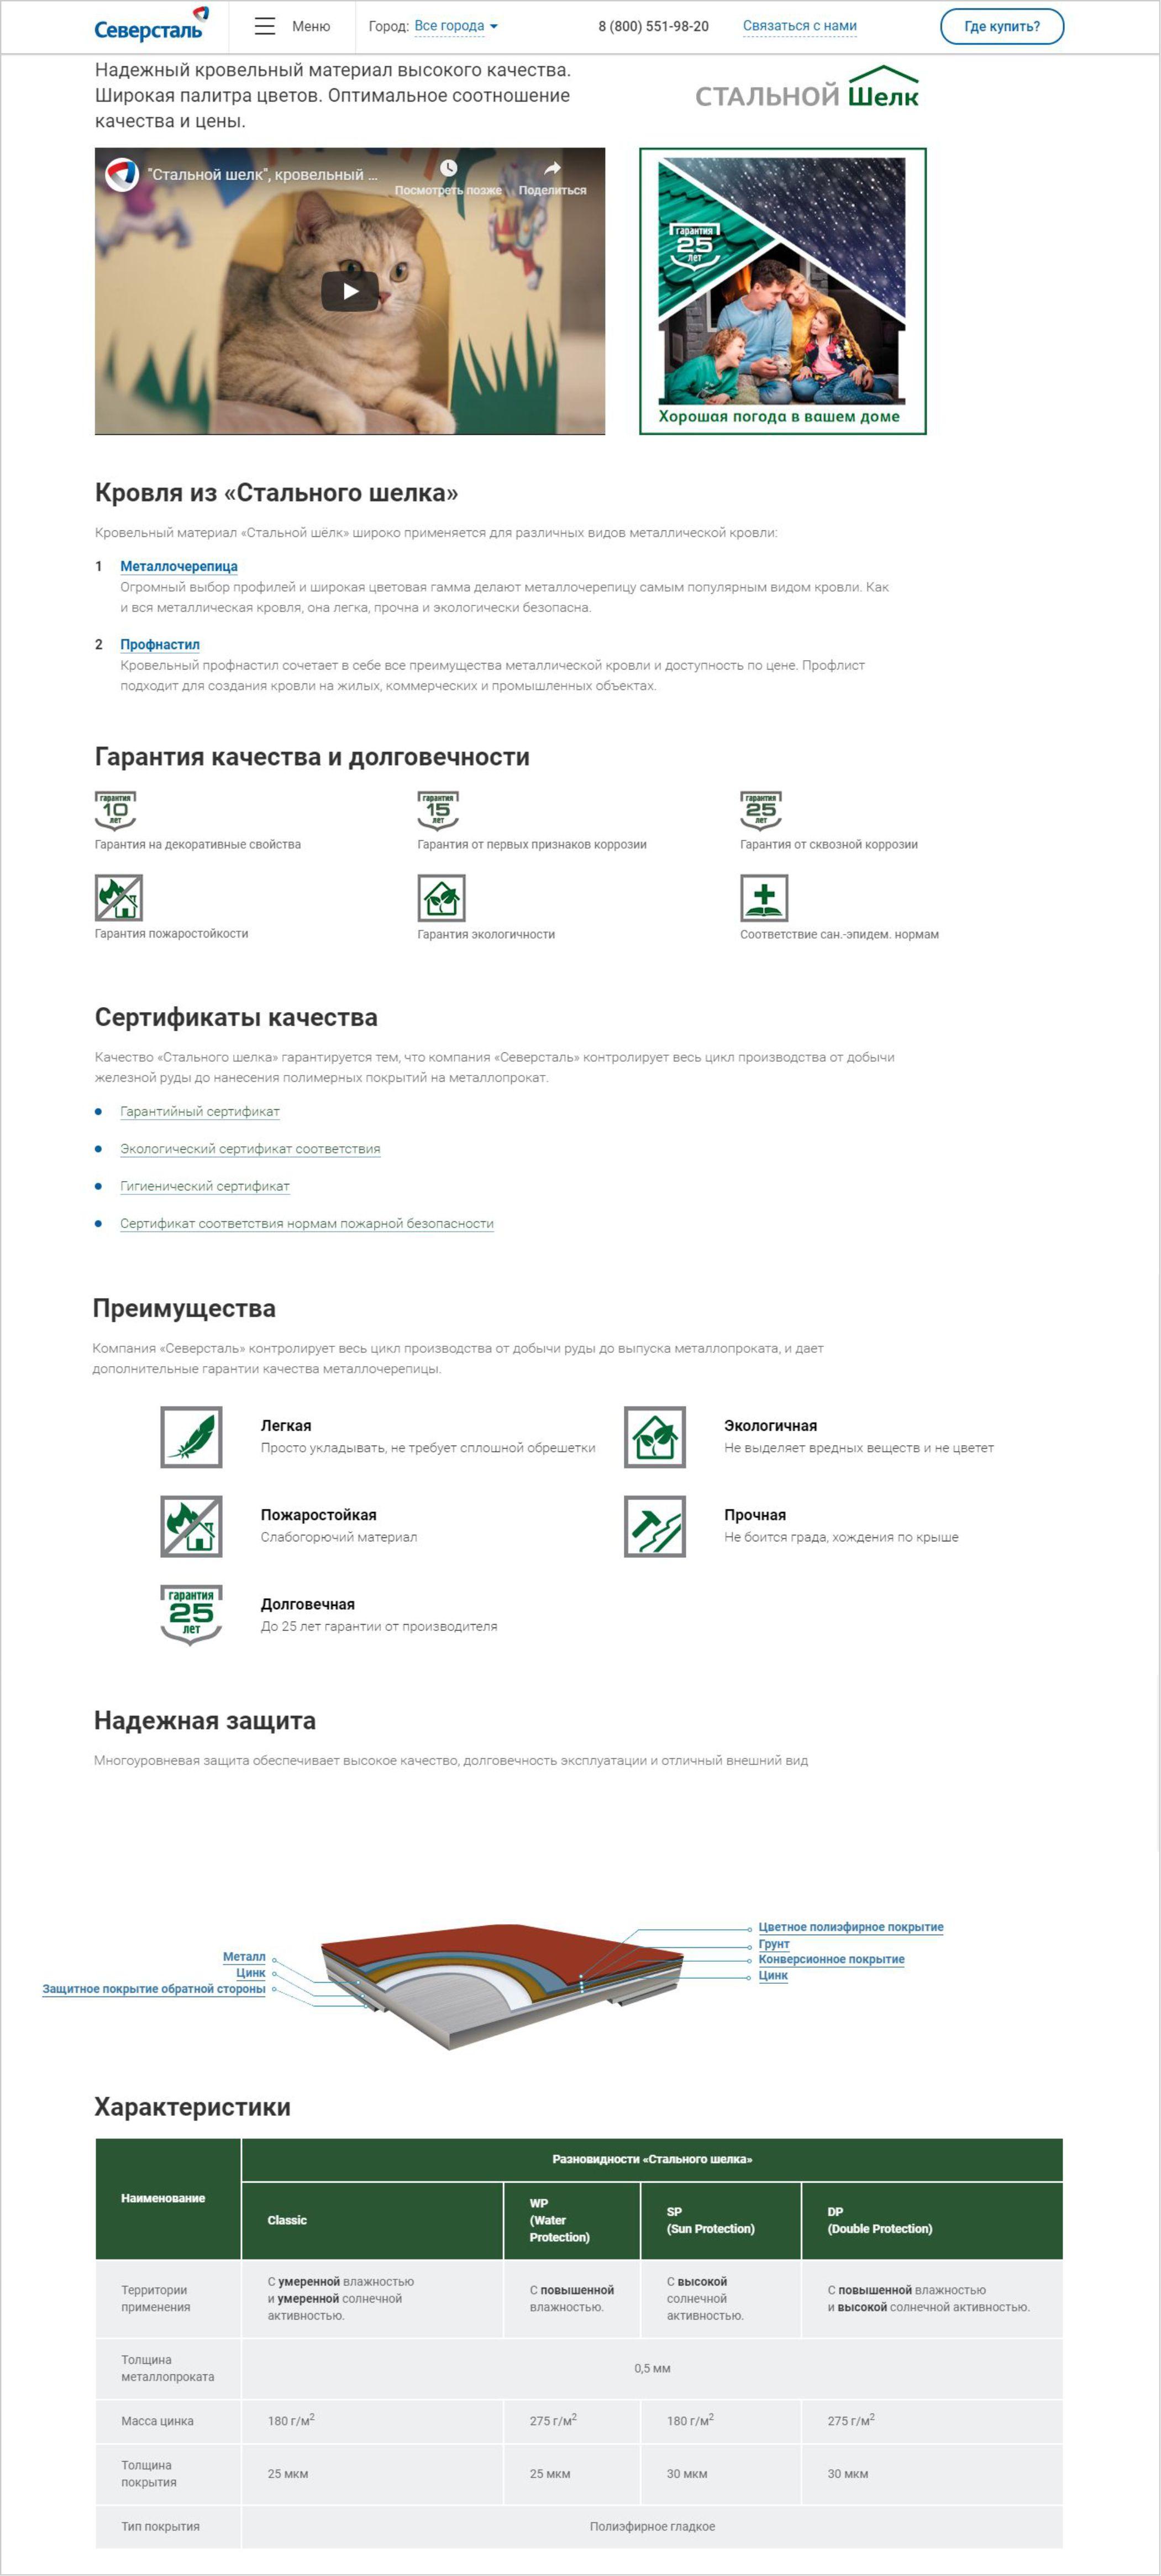 <p>Настраницах материалов подробно рассказывается обиххарактеристиках: есть видео, сертификаты качества, преимущества, схема слоёв, таблица параметров. </p>